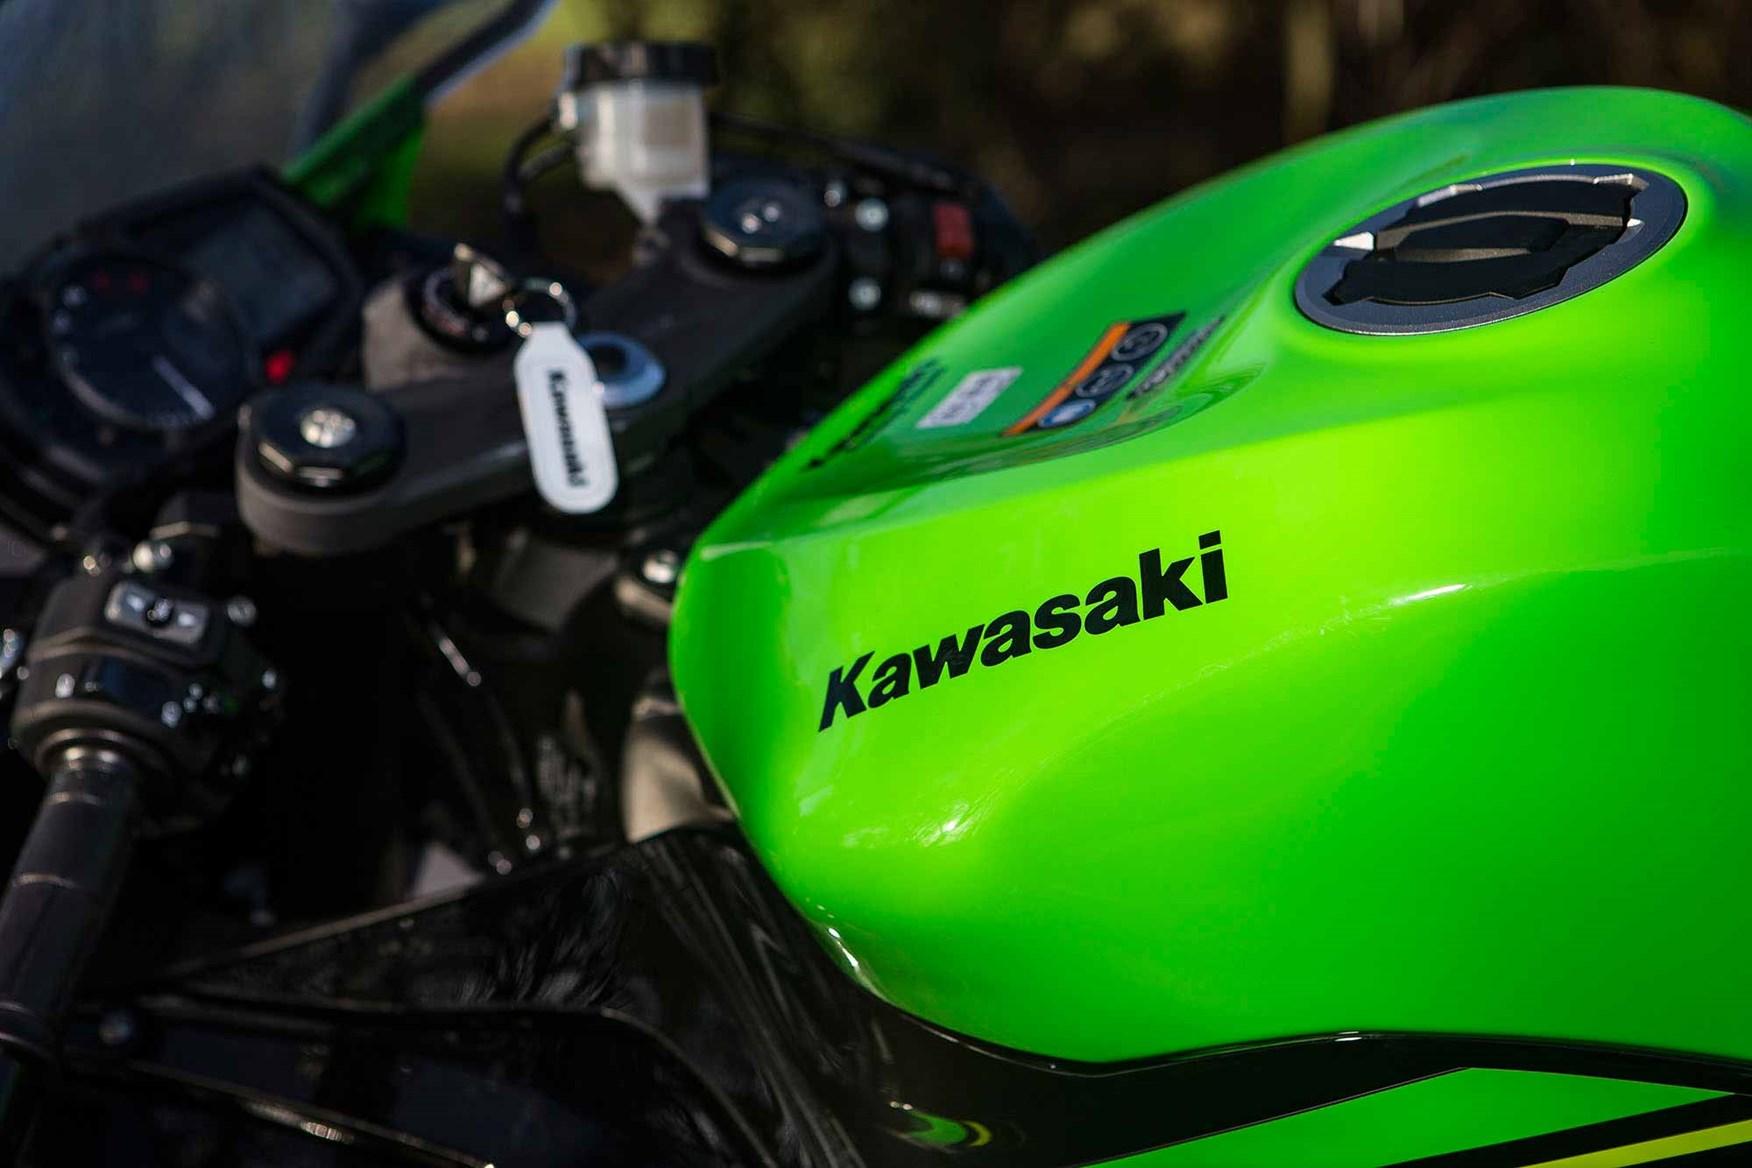 KAWASAKI ZX-6R (2019-on) Review